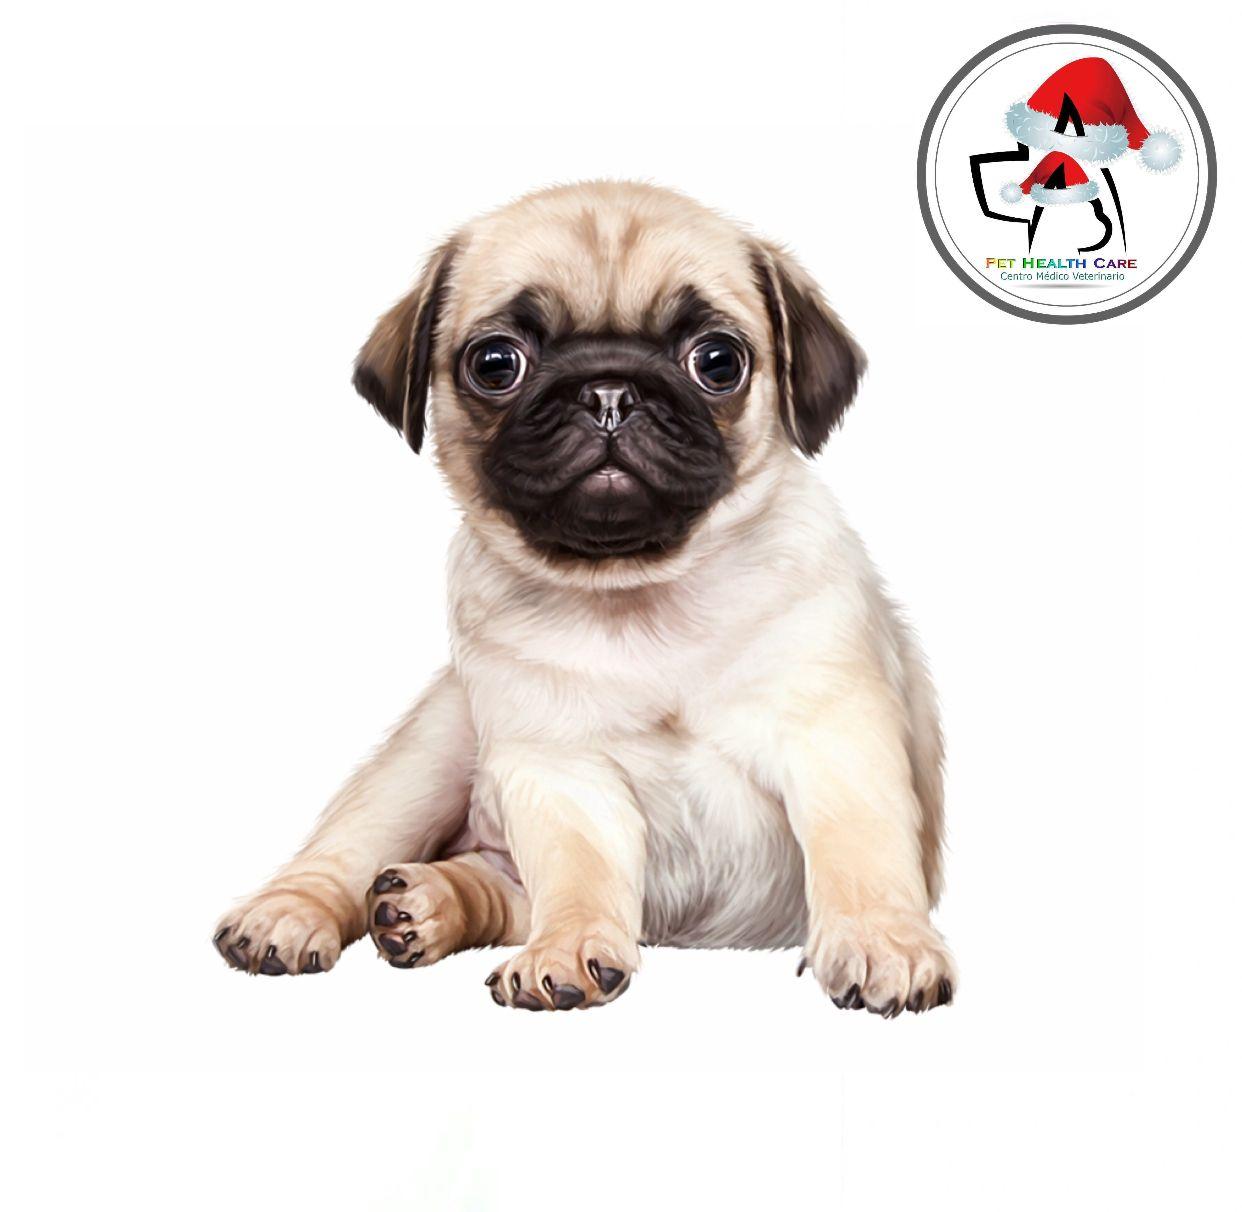 Descripcion Y Personalidad De Los Perros Raza Pug In 2020